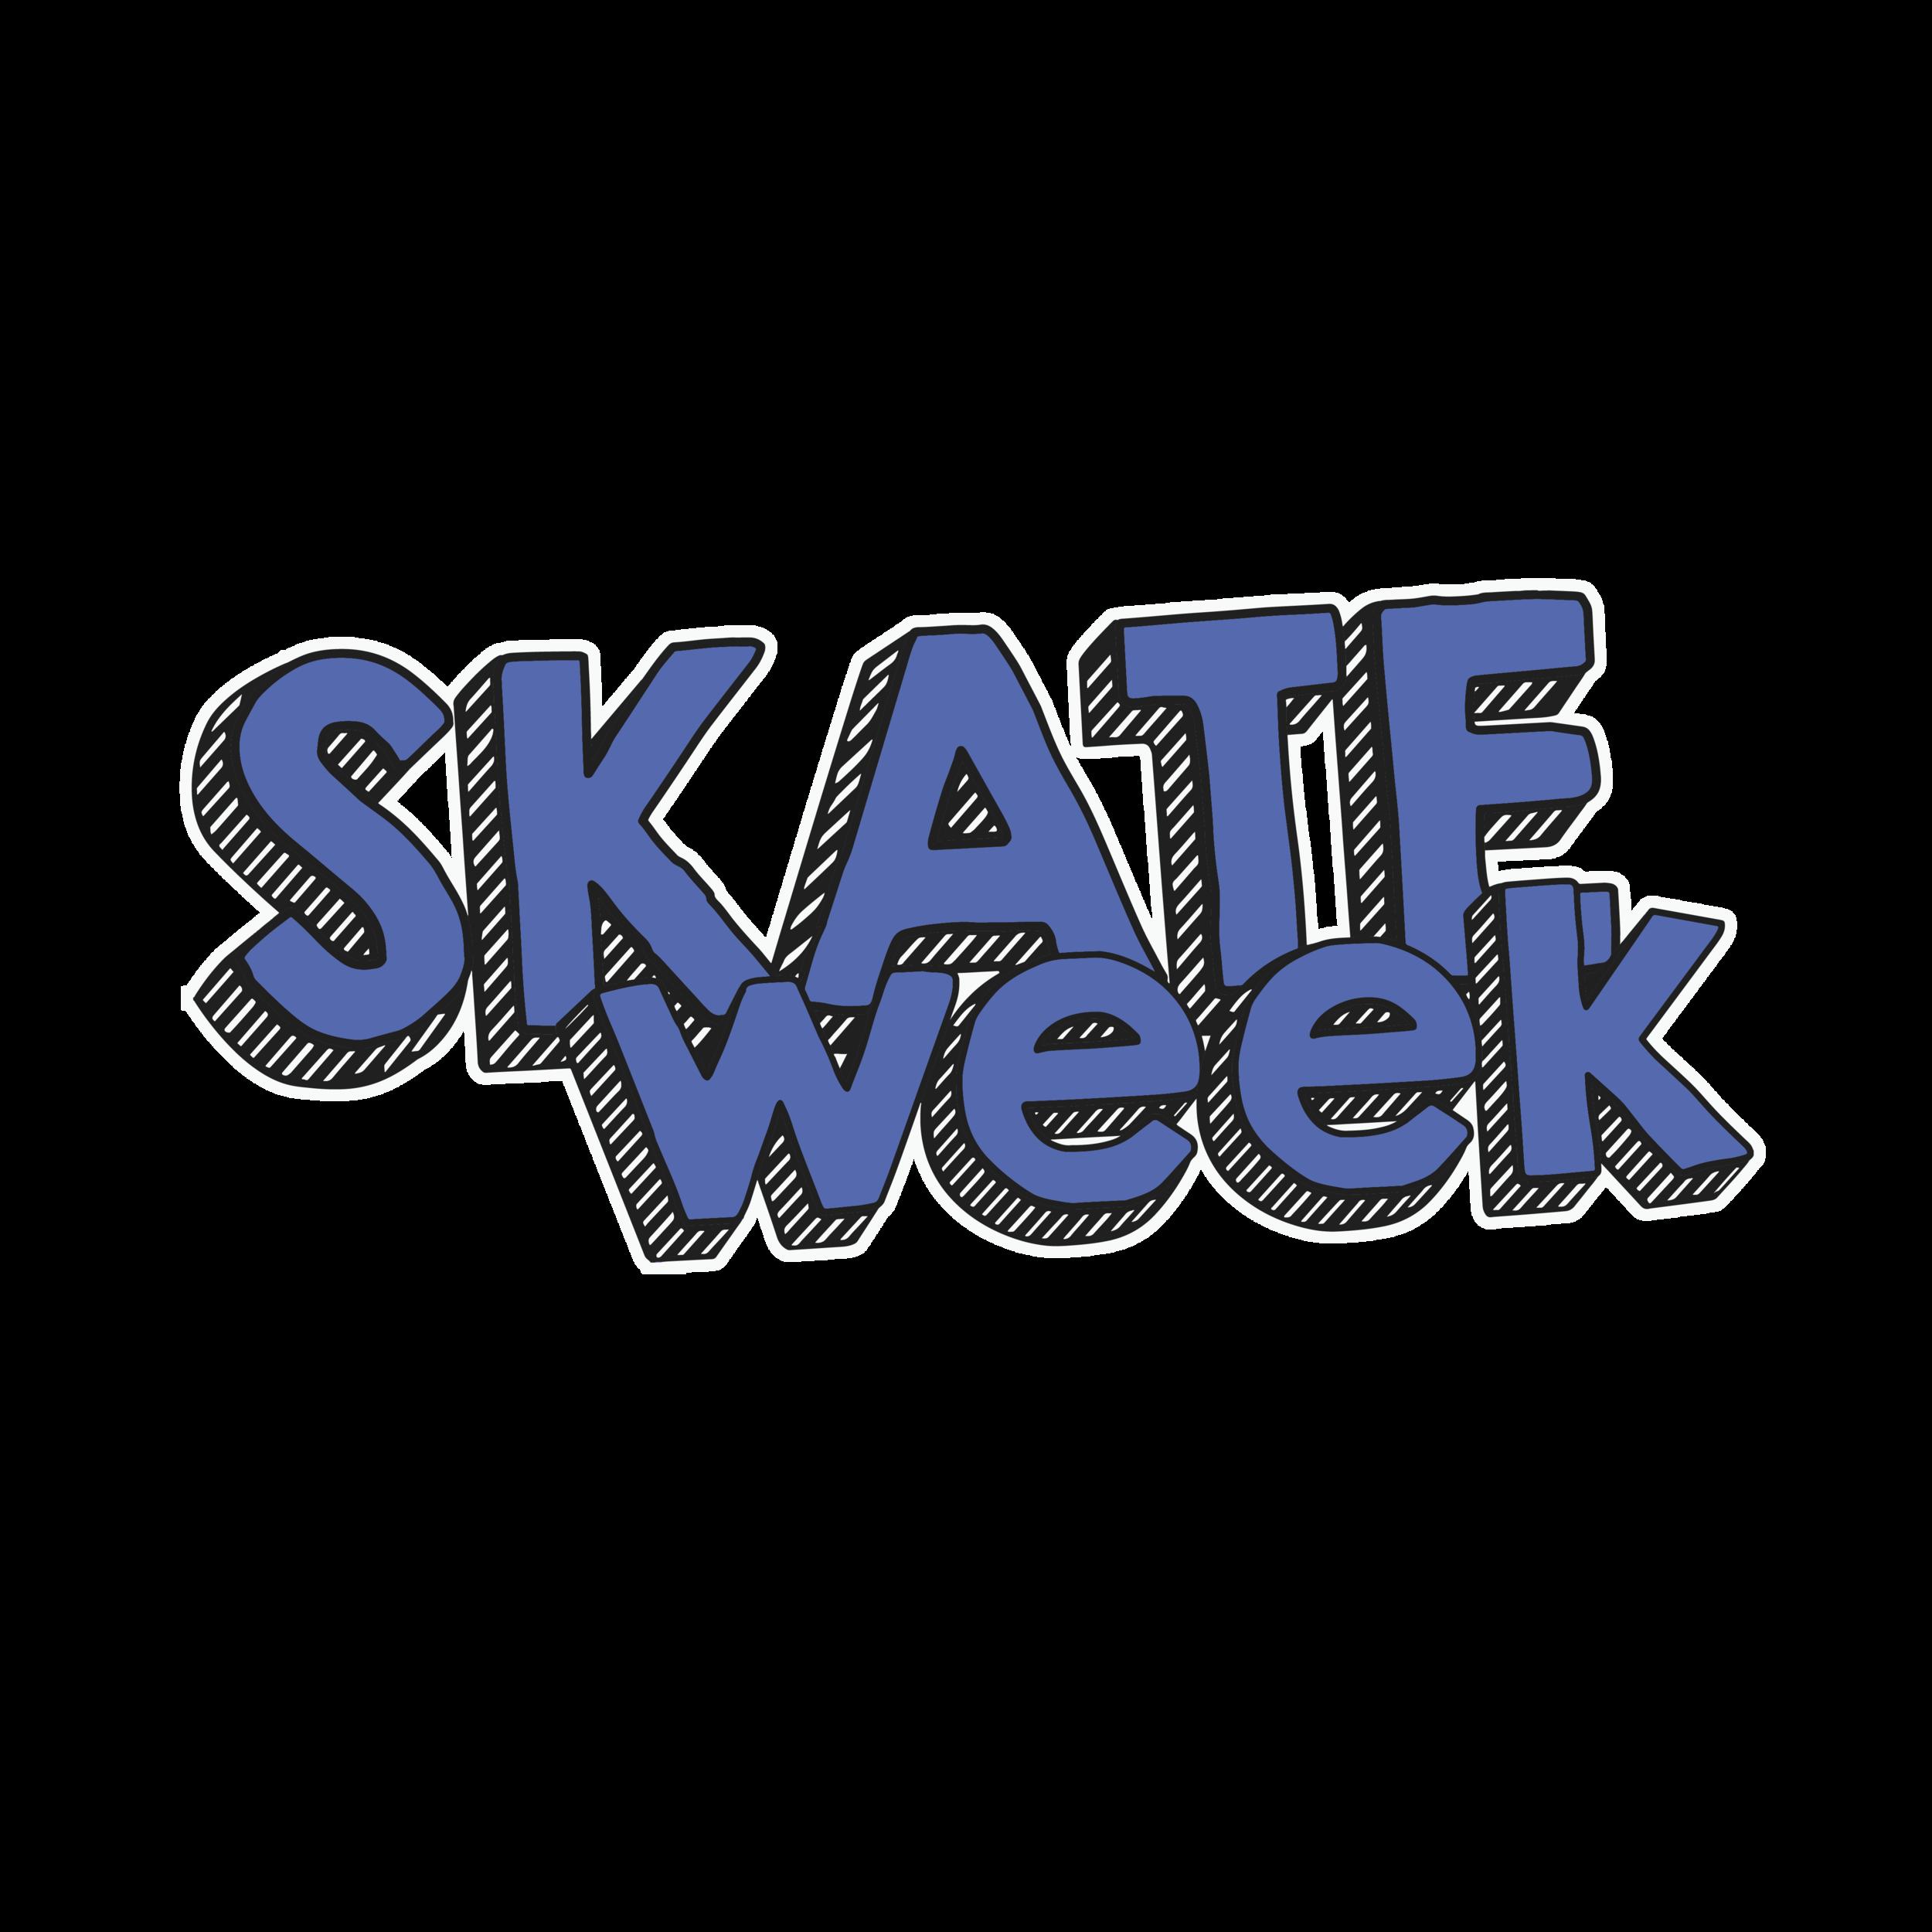 SW_MEI_Edit_SBSR_Edit_Instagram BOAR logo.png